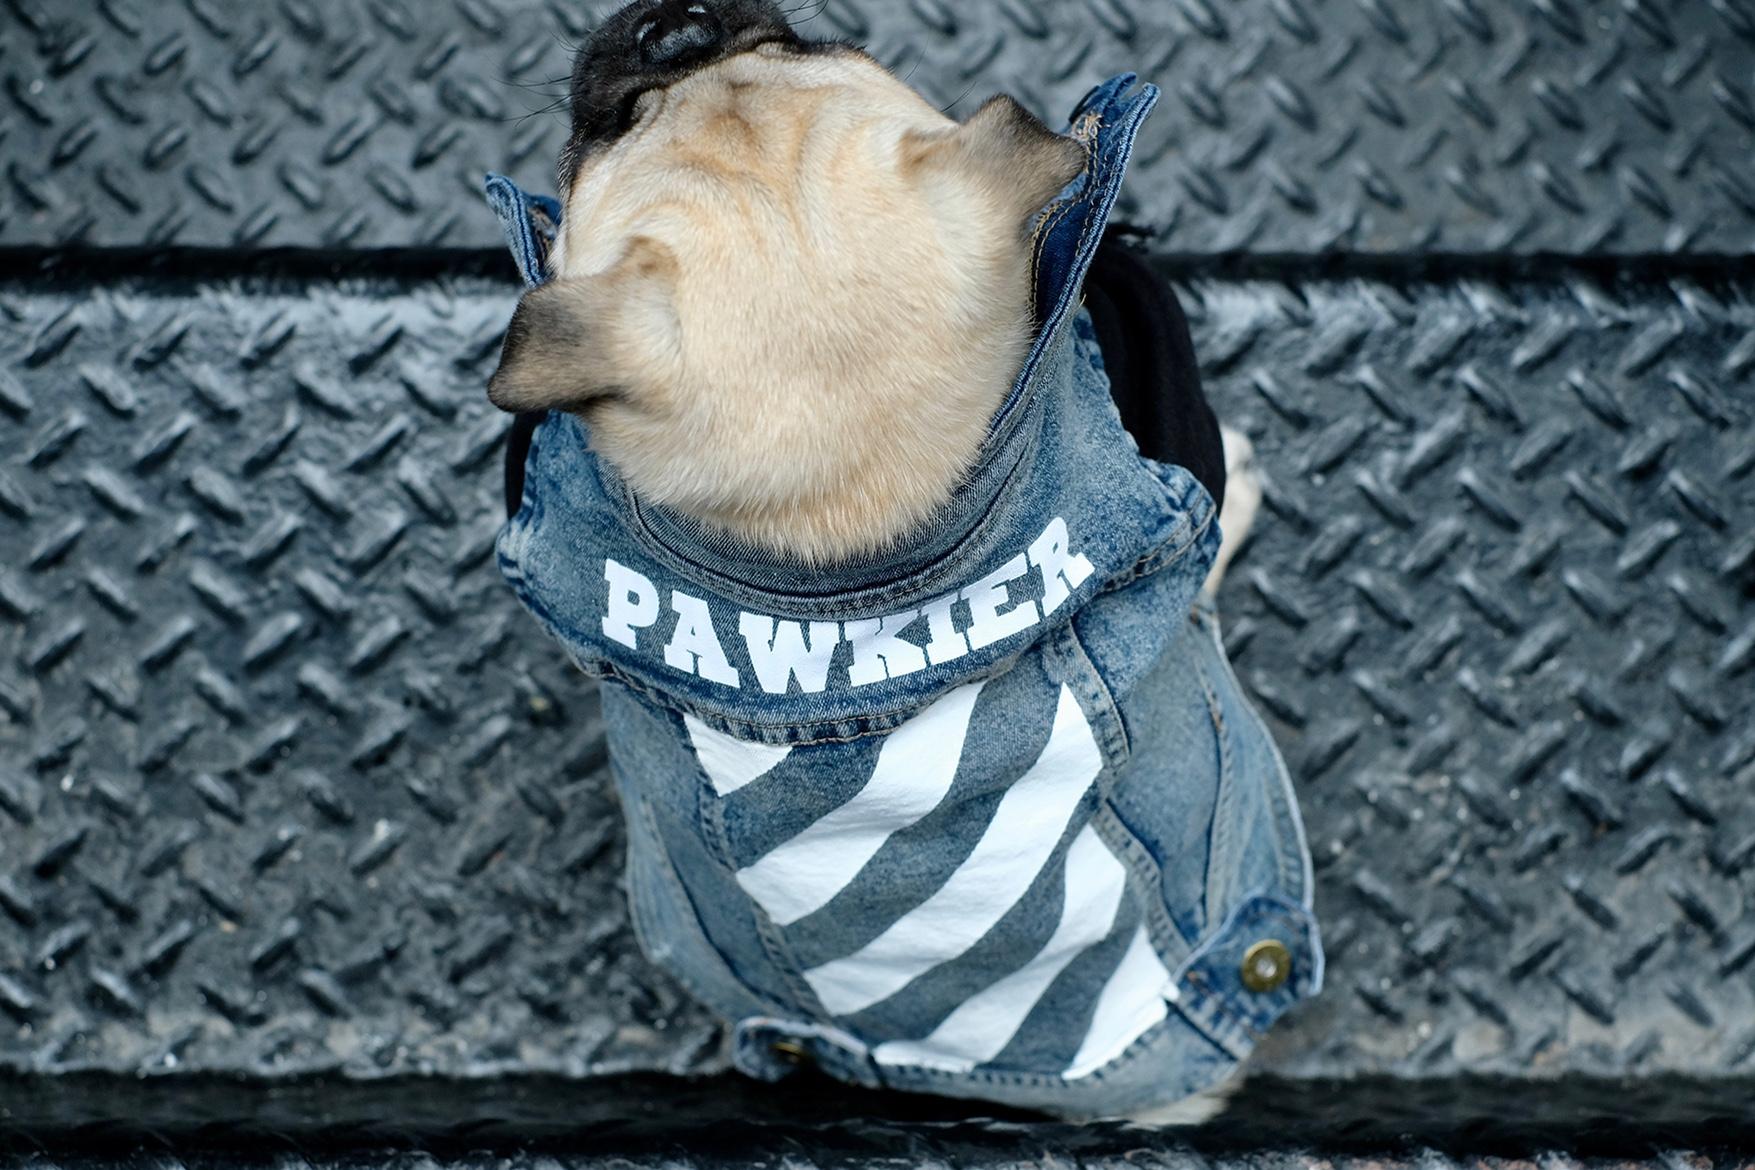 pawkier streetwear para cachorros 04 - Pawkier: streetwear bom para cachorro